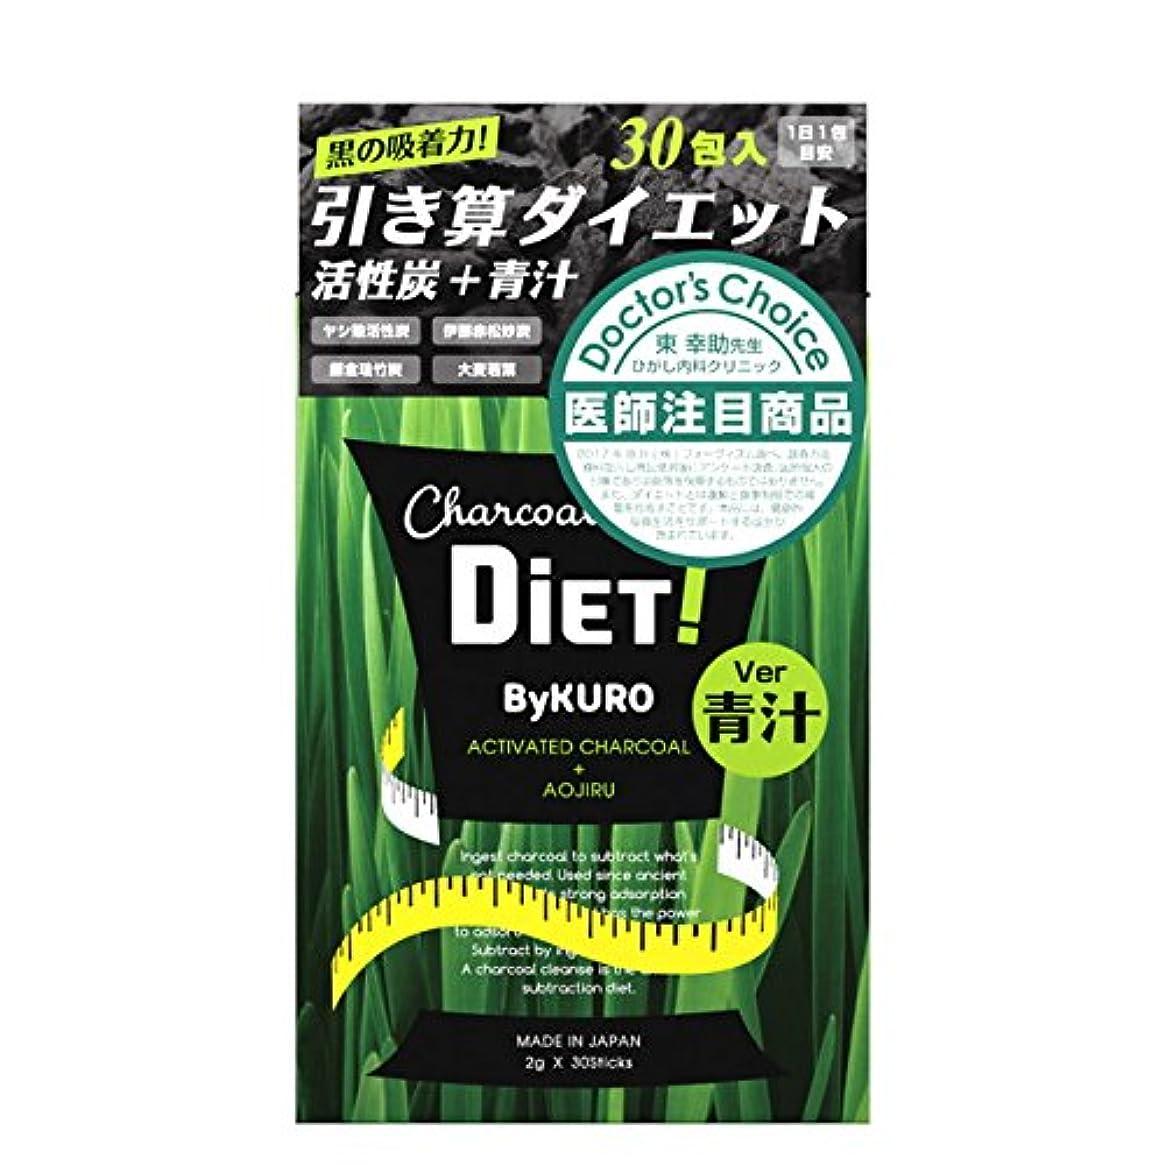 クレーター再発する始まりByKURO(バイクロ) 青汁 2g×30包